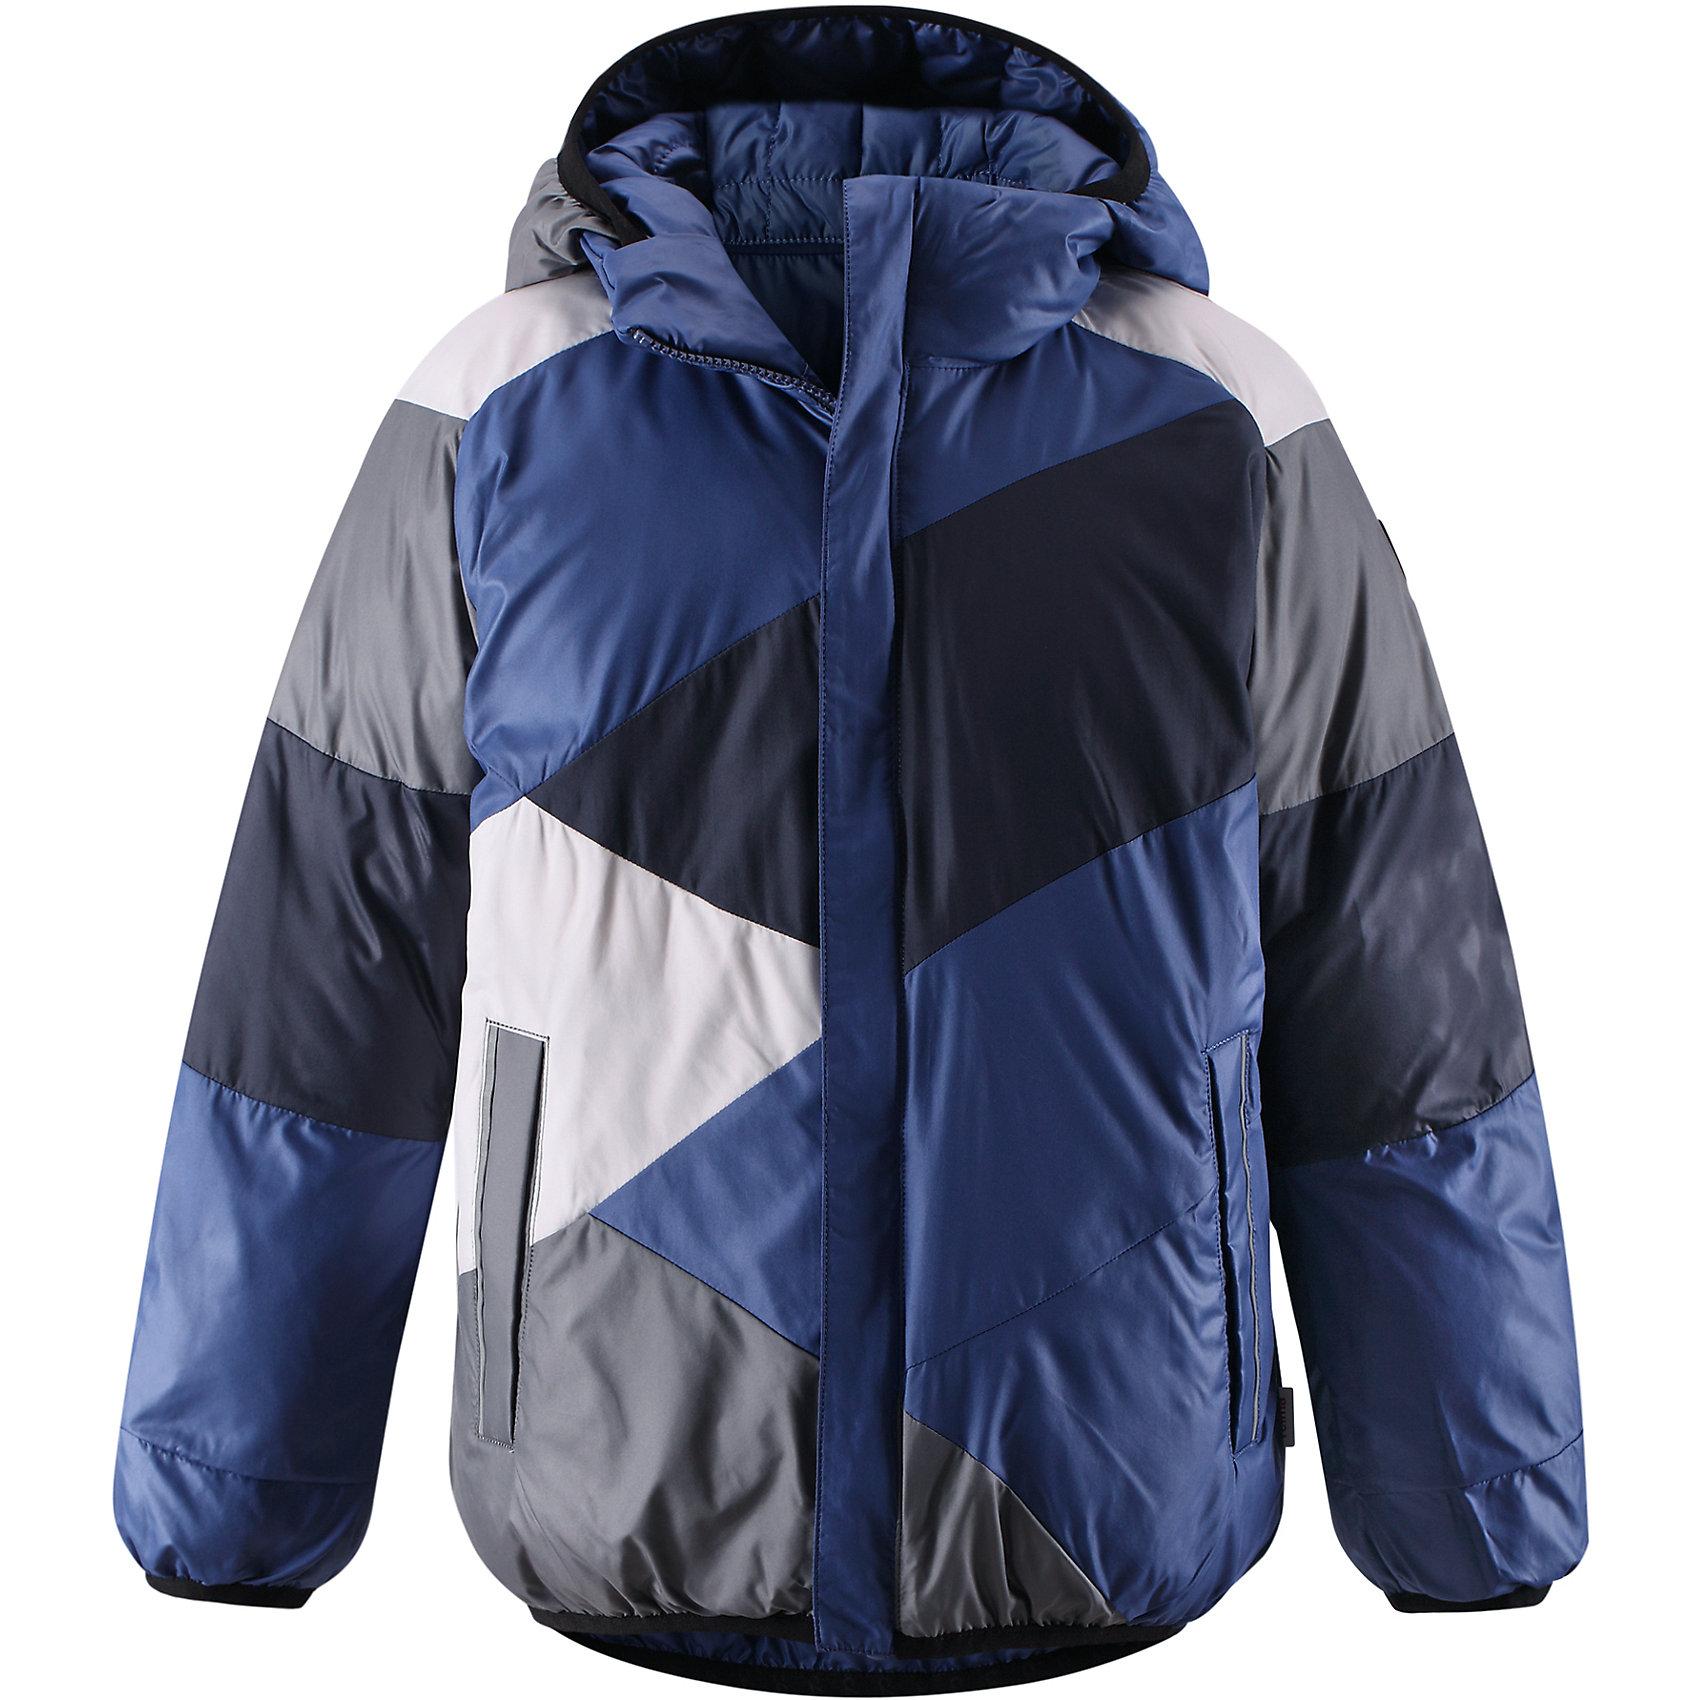 Куртка для мальчика ReimaОдежда<br>Двусторонняя куртка для мальчика от финской марки Reima.<br><br>Сегодня однотонная, а завтра яркая и разноцветная! Этот весёлый двусторонний пуховик для детей согреет любителей прогулок в морозные зимние деньки! Пошит из ветронепроницаемого и пропускающего воздух материала, который отталкивает грязь и влагу.<br><br>В этом пуховике вашему ребёнку будет сухо и тепло на прогулке. Традиционный пуховик прямого покроя со съёмным капюшоном, который защитит от зимнего ветра. На этой великолепной зимней куртке имеется множество светоотражающих деталей, например, светоотражающие канты на карманах. Съёмный капюшон обеспечивает дополнительную надёжность - если закреплённый кнопками капюшон зацепится за что-нибудь, он легко отстегнётся. Выберите свой любимый цвет среди модных в этом сезоне расцветок!<br>- Двусторонний пуховик для подростков<br>- Одна сторона однотонная, другая - разноцветная<br>- Карманы на молниях<br>- Эластичный кант на манжетах рукавов, по краю капюшона и подола<br>- Безопасный съёмный капюшон<br><br>Состав:<br>100% ПЭ<br><br>Ширина мм: 356<br>Глубина мм: 10<br>Высота мм: 245<br>Вес г: 519<br>Цвет: синий<br>Возраст от месяцев: 60<br>Возраст до месяцев: 72<br>Пол: Мужской<br>Возраст: Детский<br>Размер: 116,164,158,152,140,134,122,110,104,128,146<br>SKU: 4632063